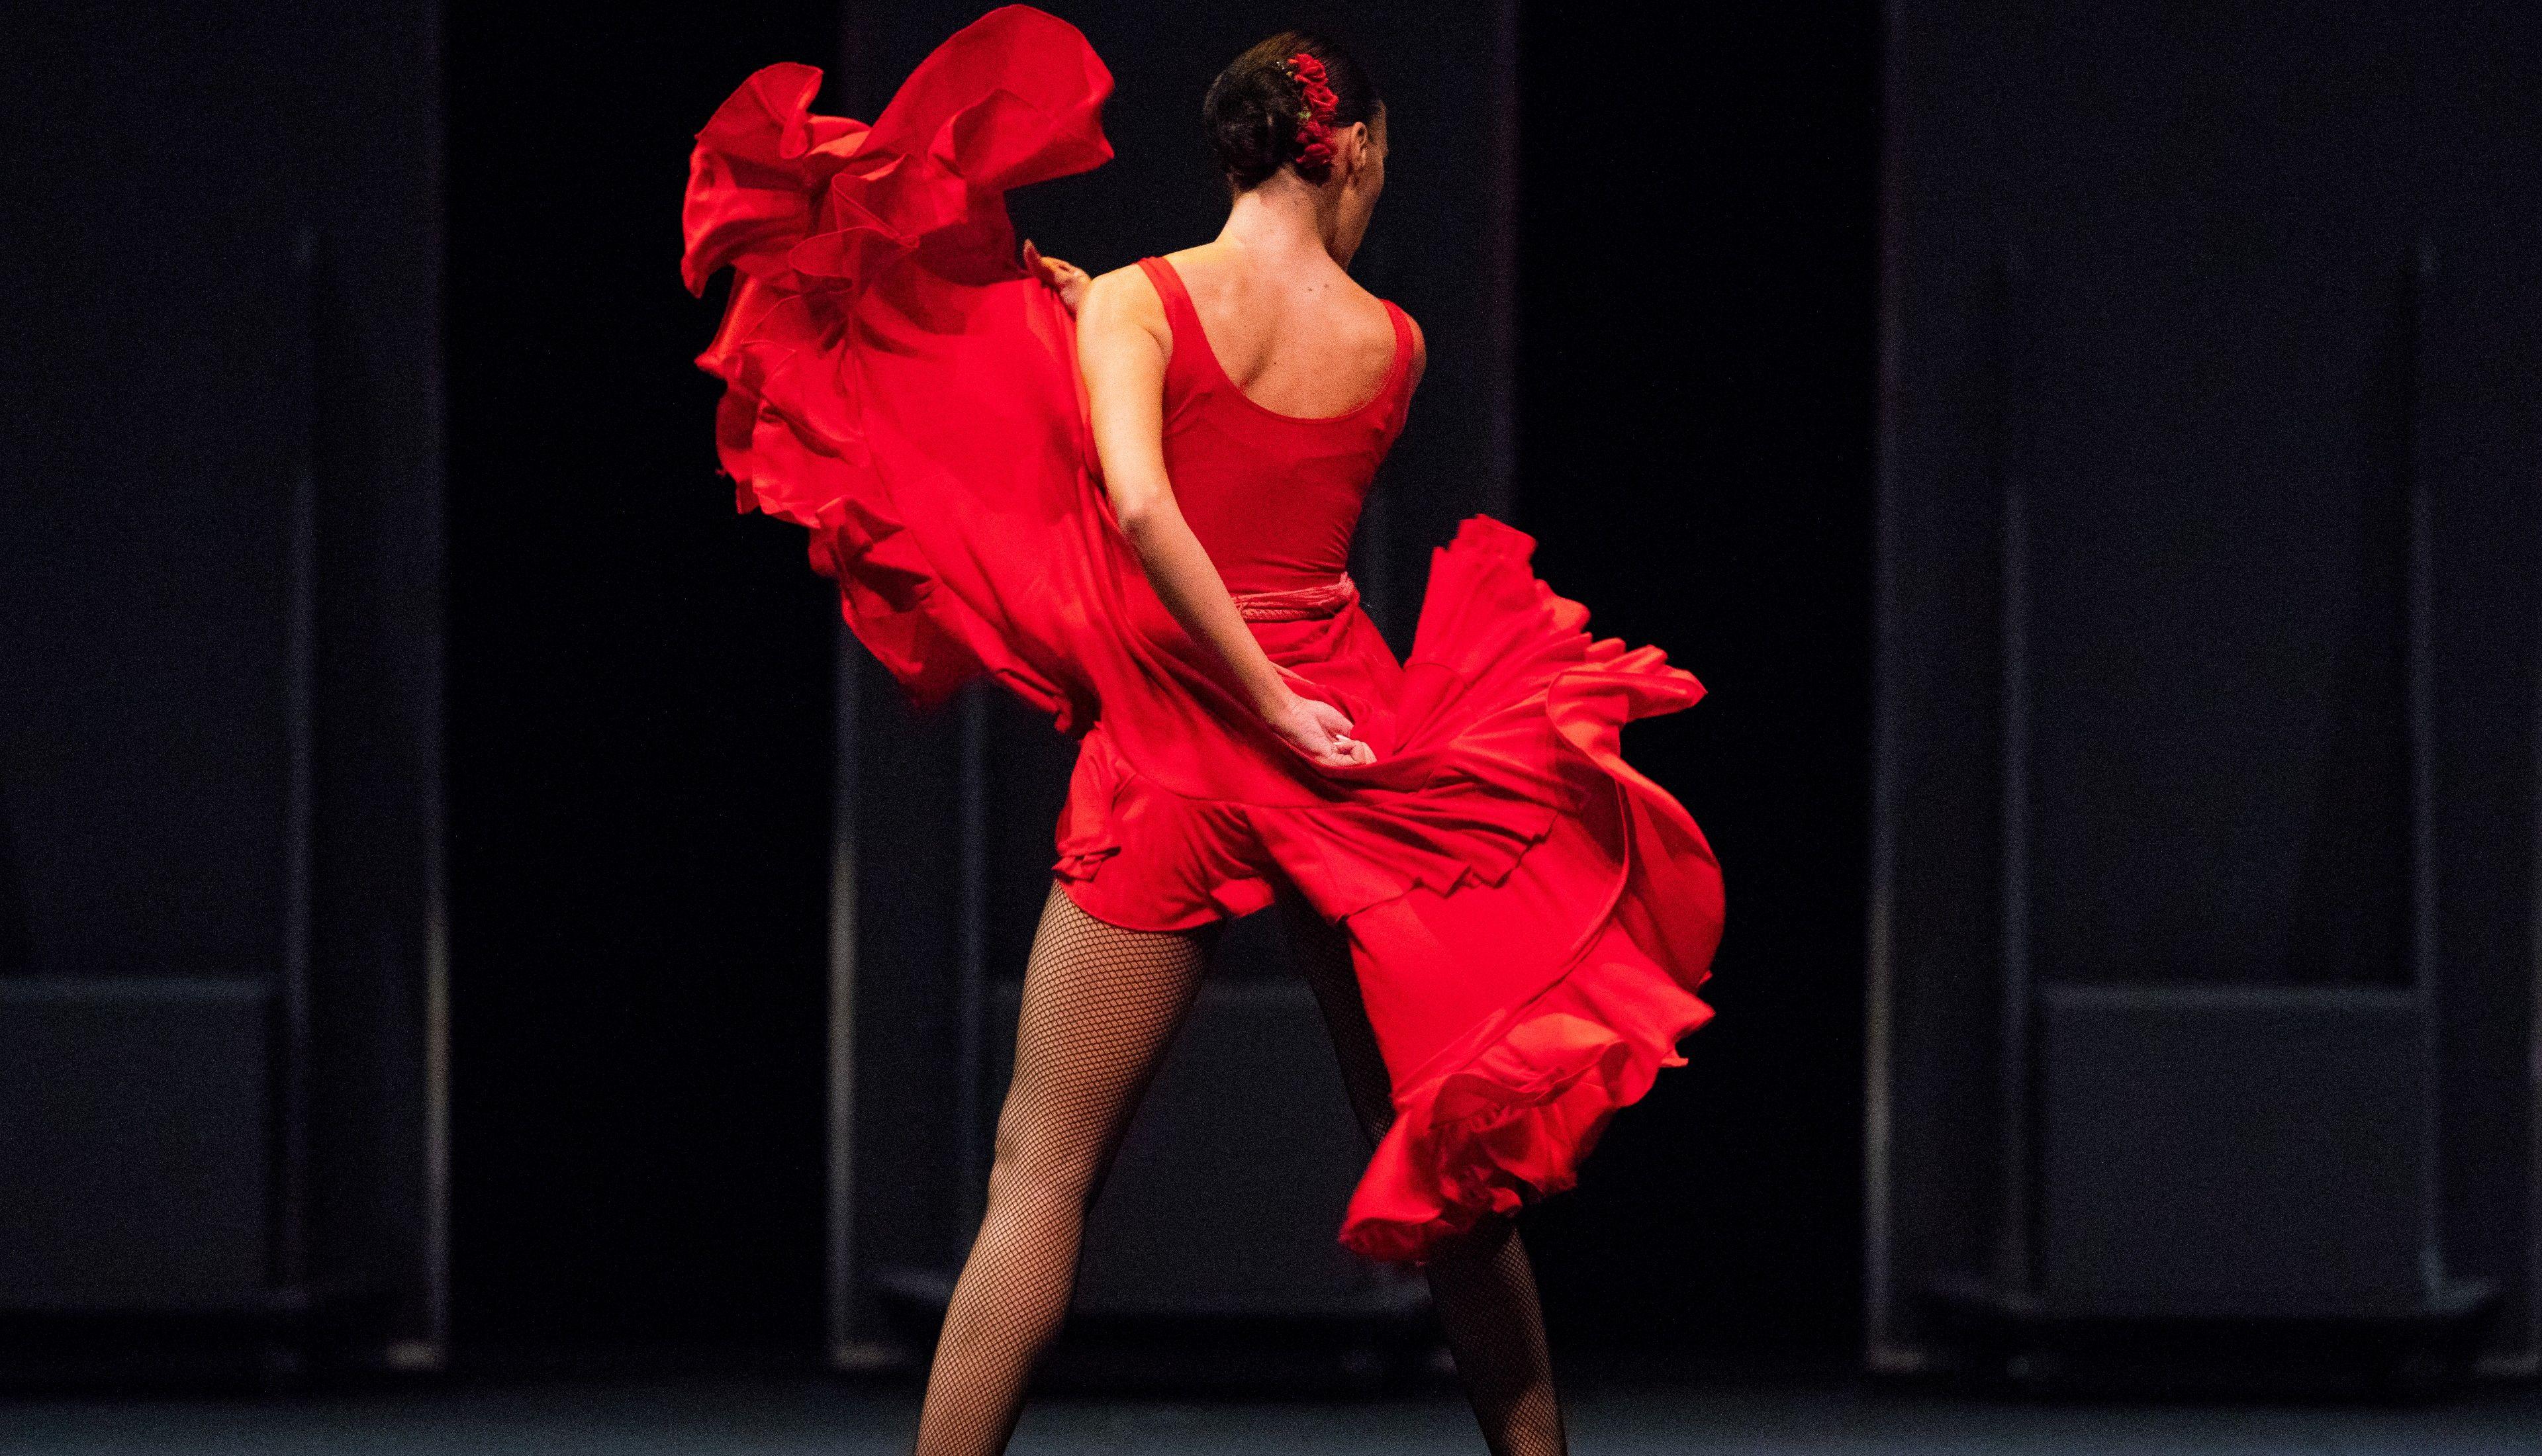 Maior ballet flamenco do mundo se apresenta em duas noites em Curitiba